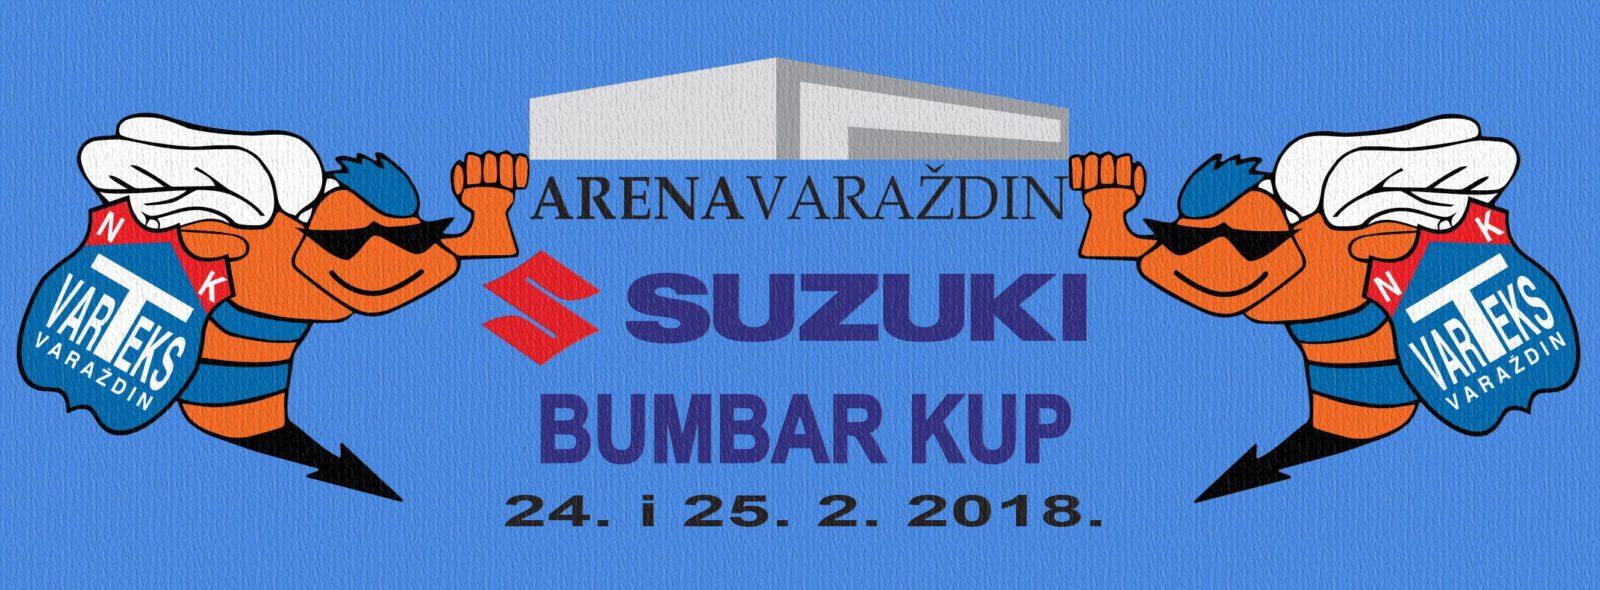 Suzuki Bumbar Kup ovog će vikenda okupiti 159 ekipa na ... 8b05363b70